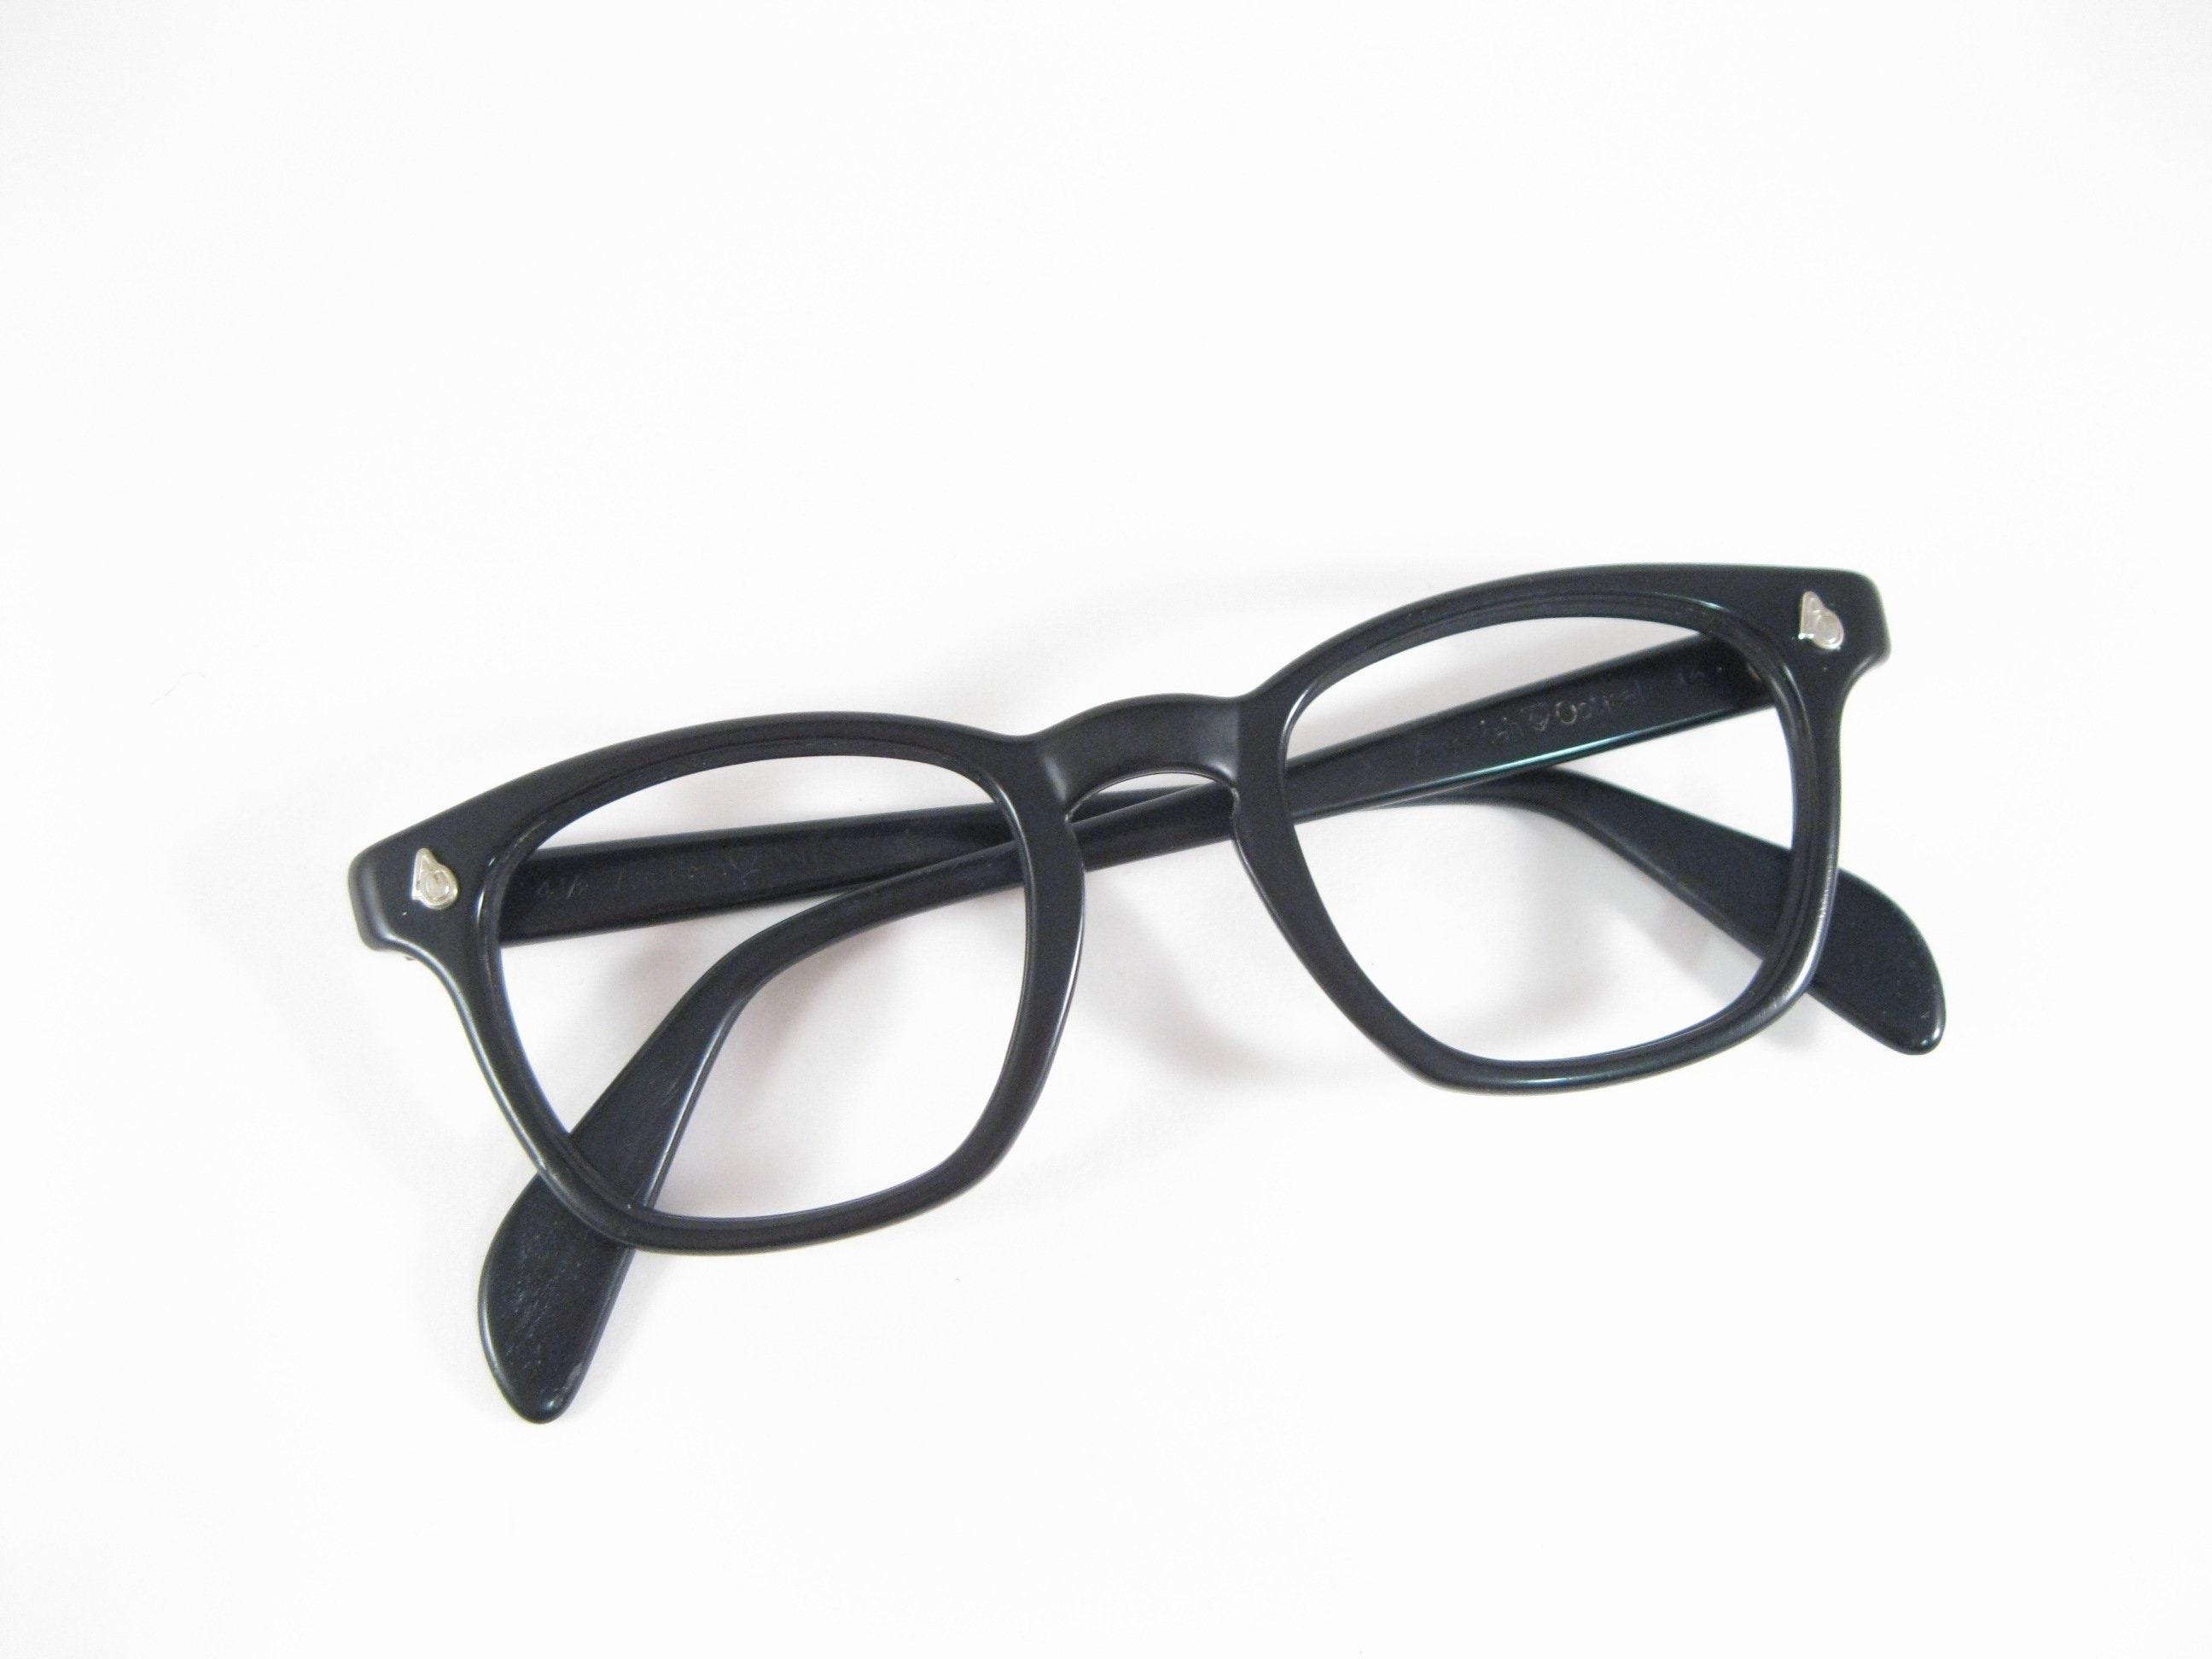 a2cccf551116 Ao flexi fit style black horn rimmed eyeglass frames rare etsy jpg  2592x1944 Black rimmed eyeglasses